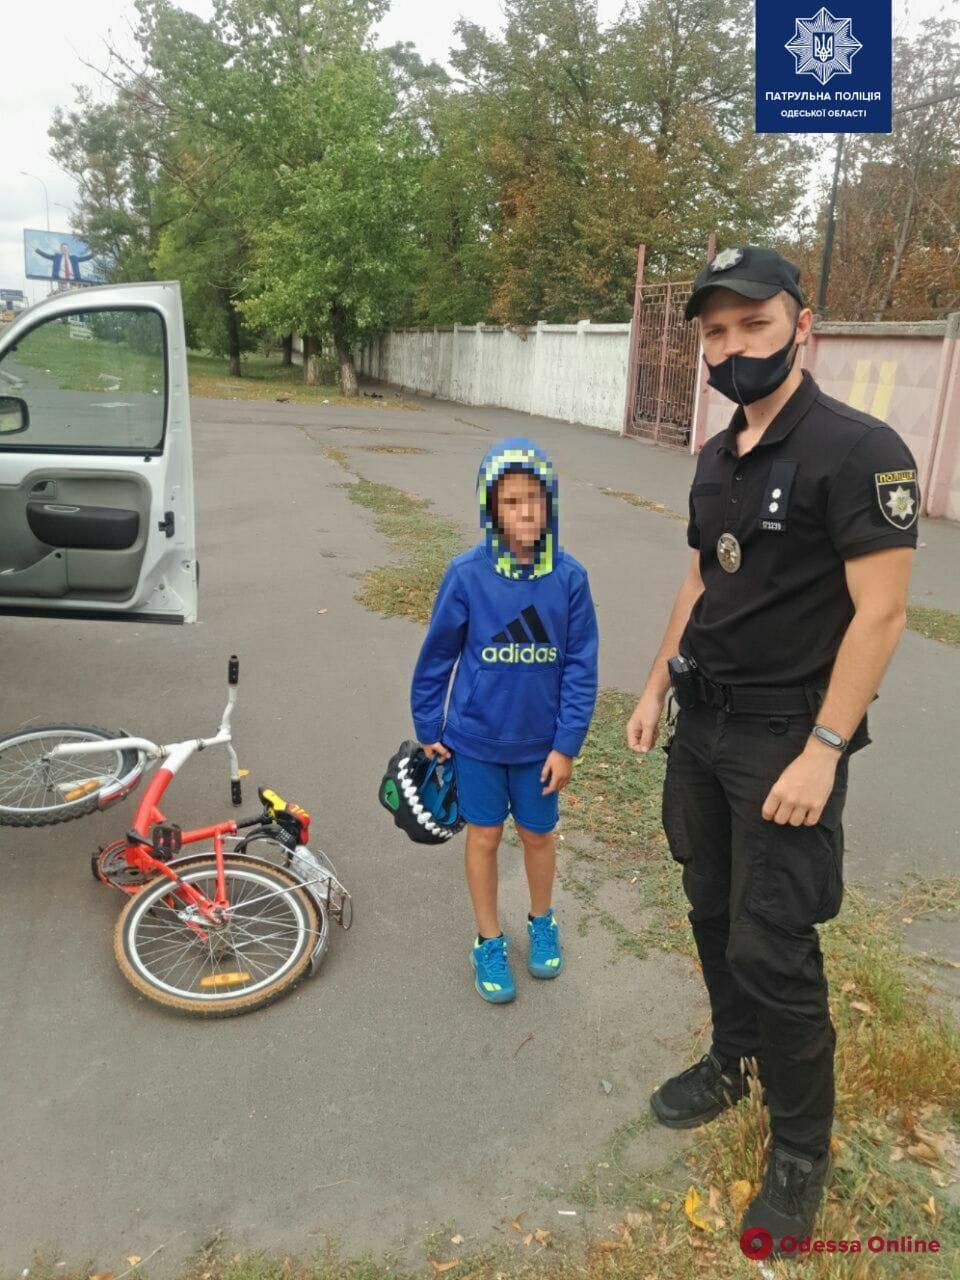 Одесские патрульные разыскали потерявшегося во время велопробега мальчика